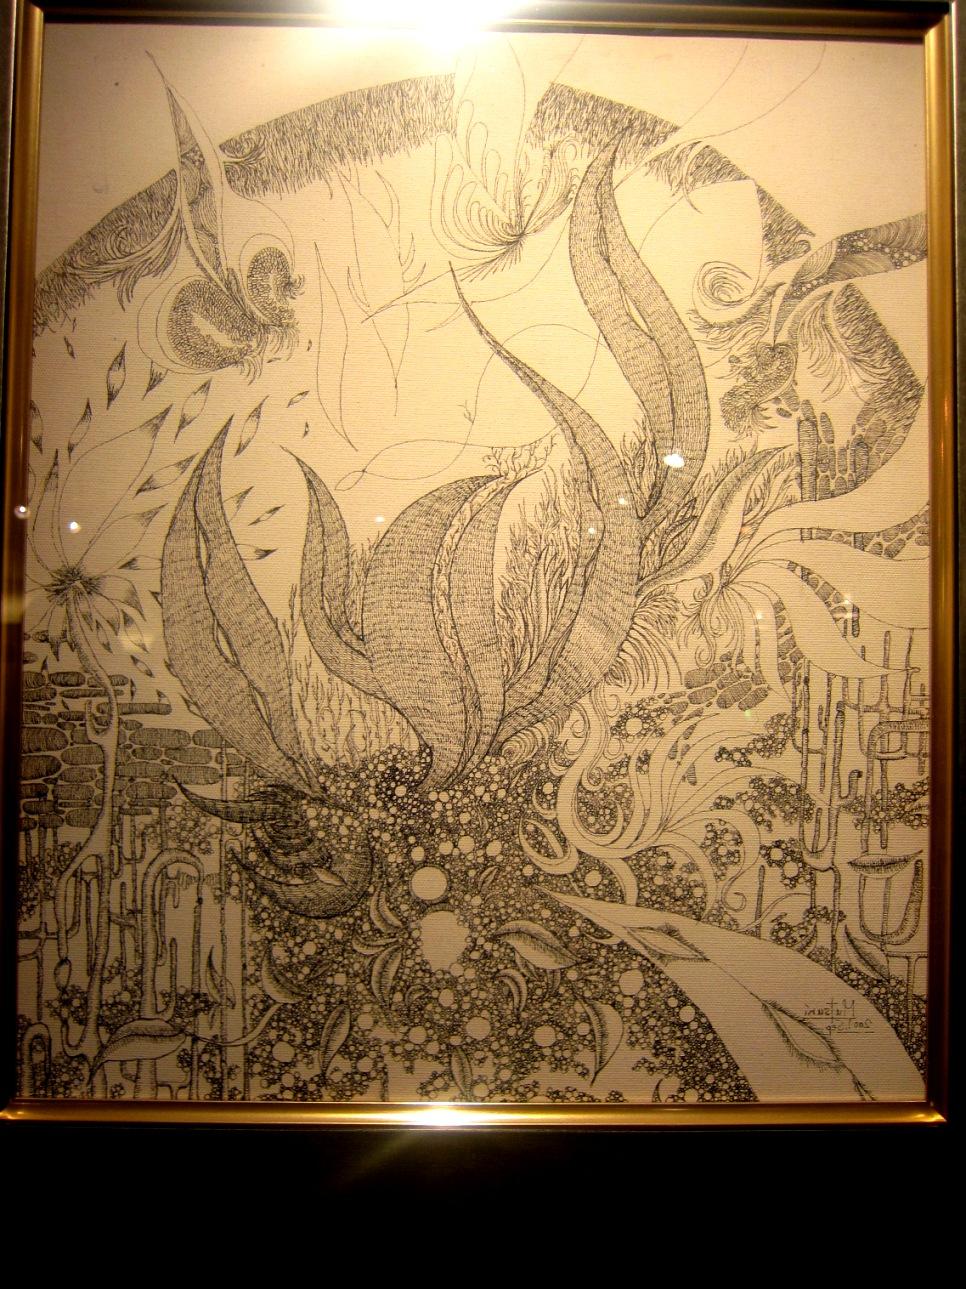 1964)「内山睦 展 『幻想植物譜』」 カフェエスキス 2月14日(木)~3月12日(火)_f0126829_9103651.jpg